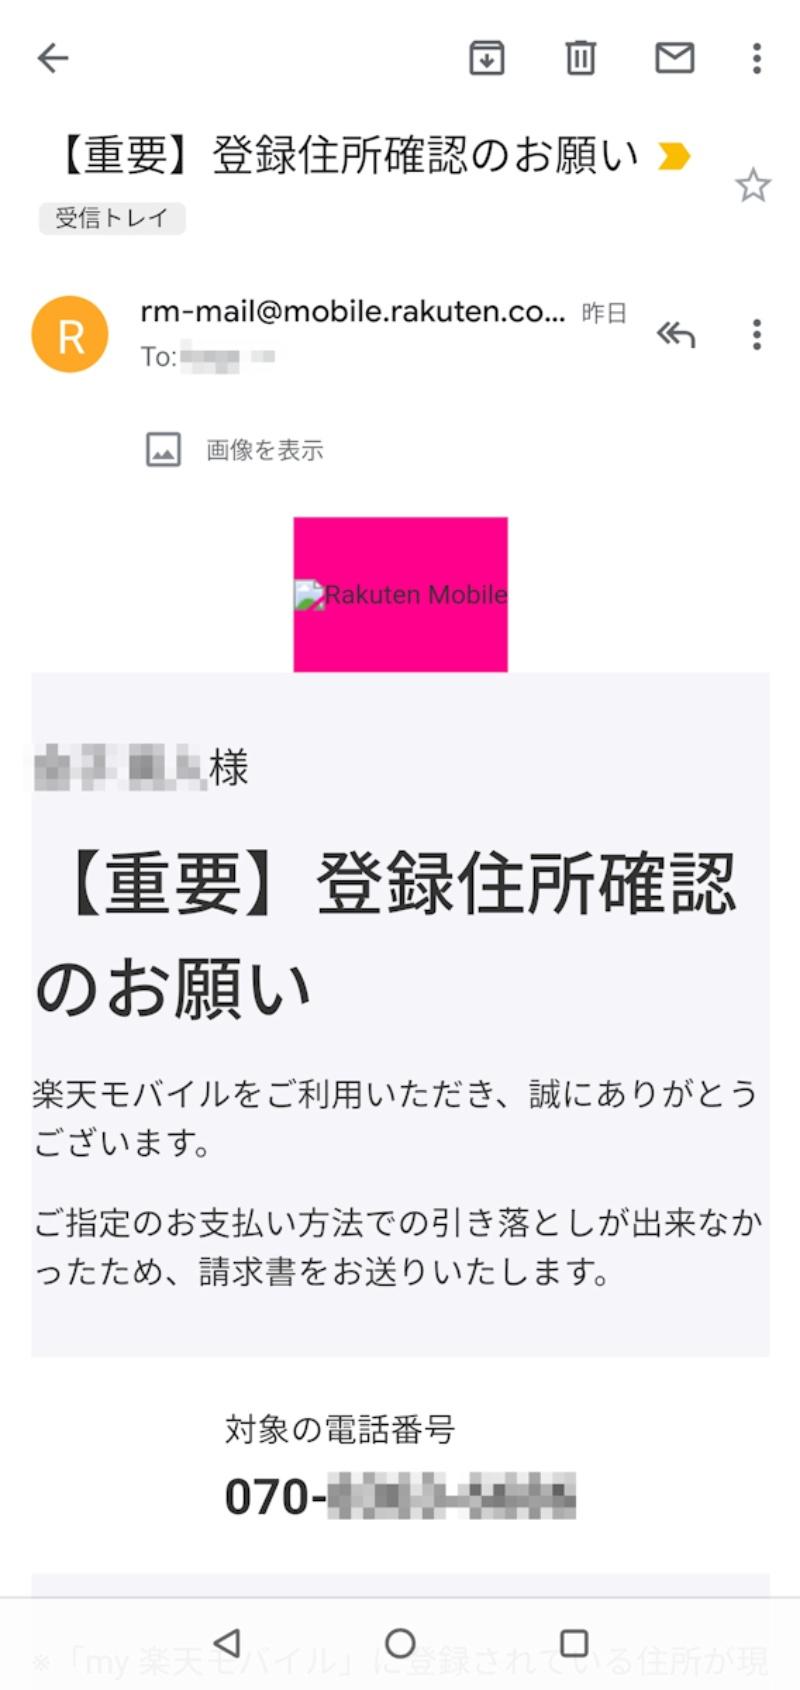 モバイル 電話 番号 楽天 楽天モバイルサポートの電話番号(問い合わせ先)~Rakuten mobile,UN